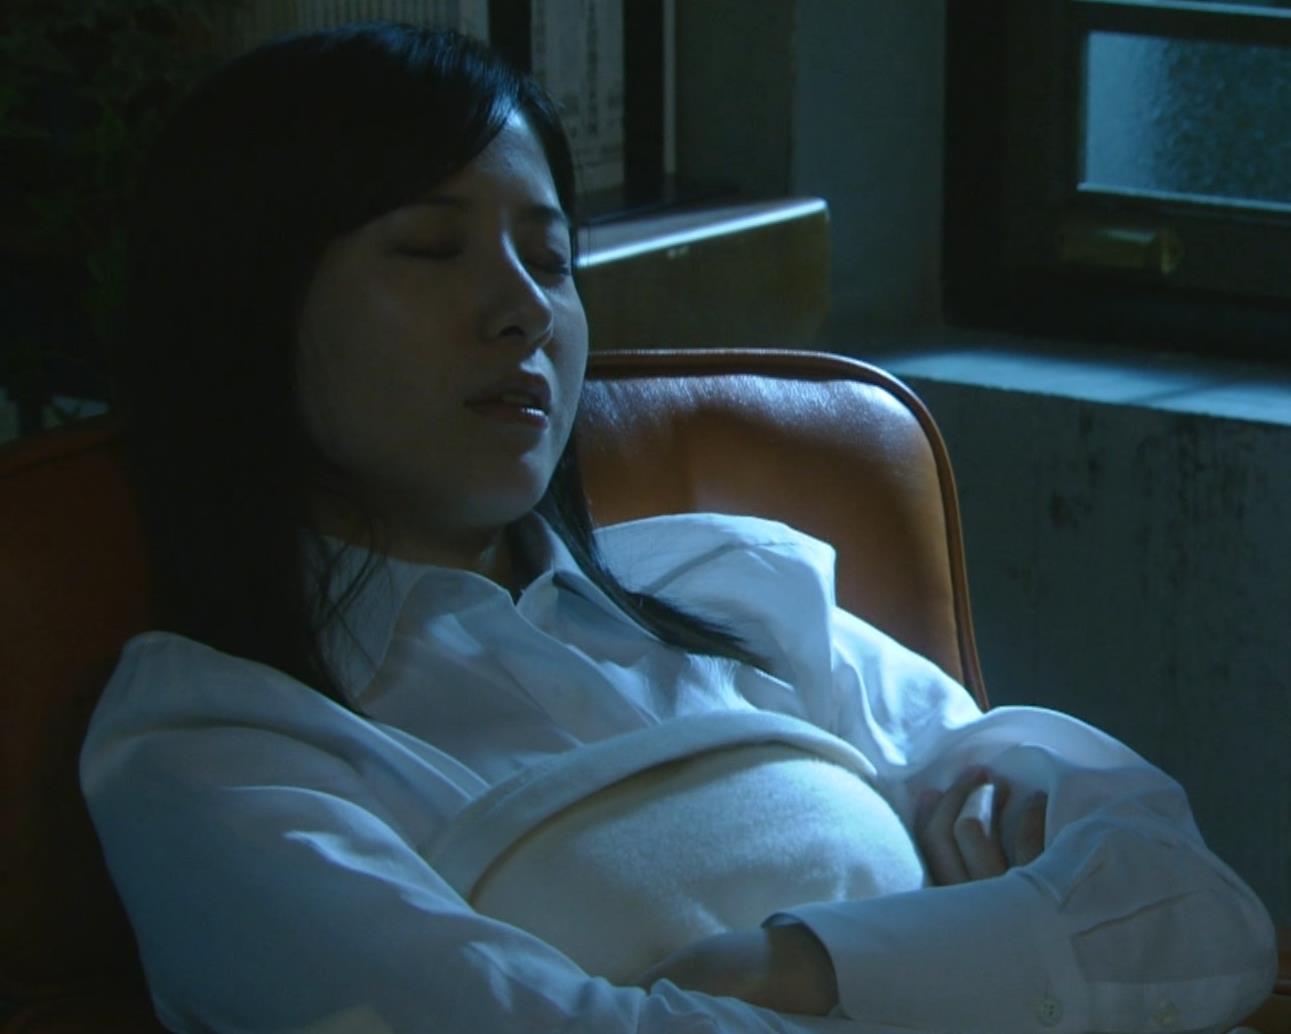 吉高由里子 おっぱいがエロい寝方と濃厚キスシーンキャプ・エロ画像